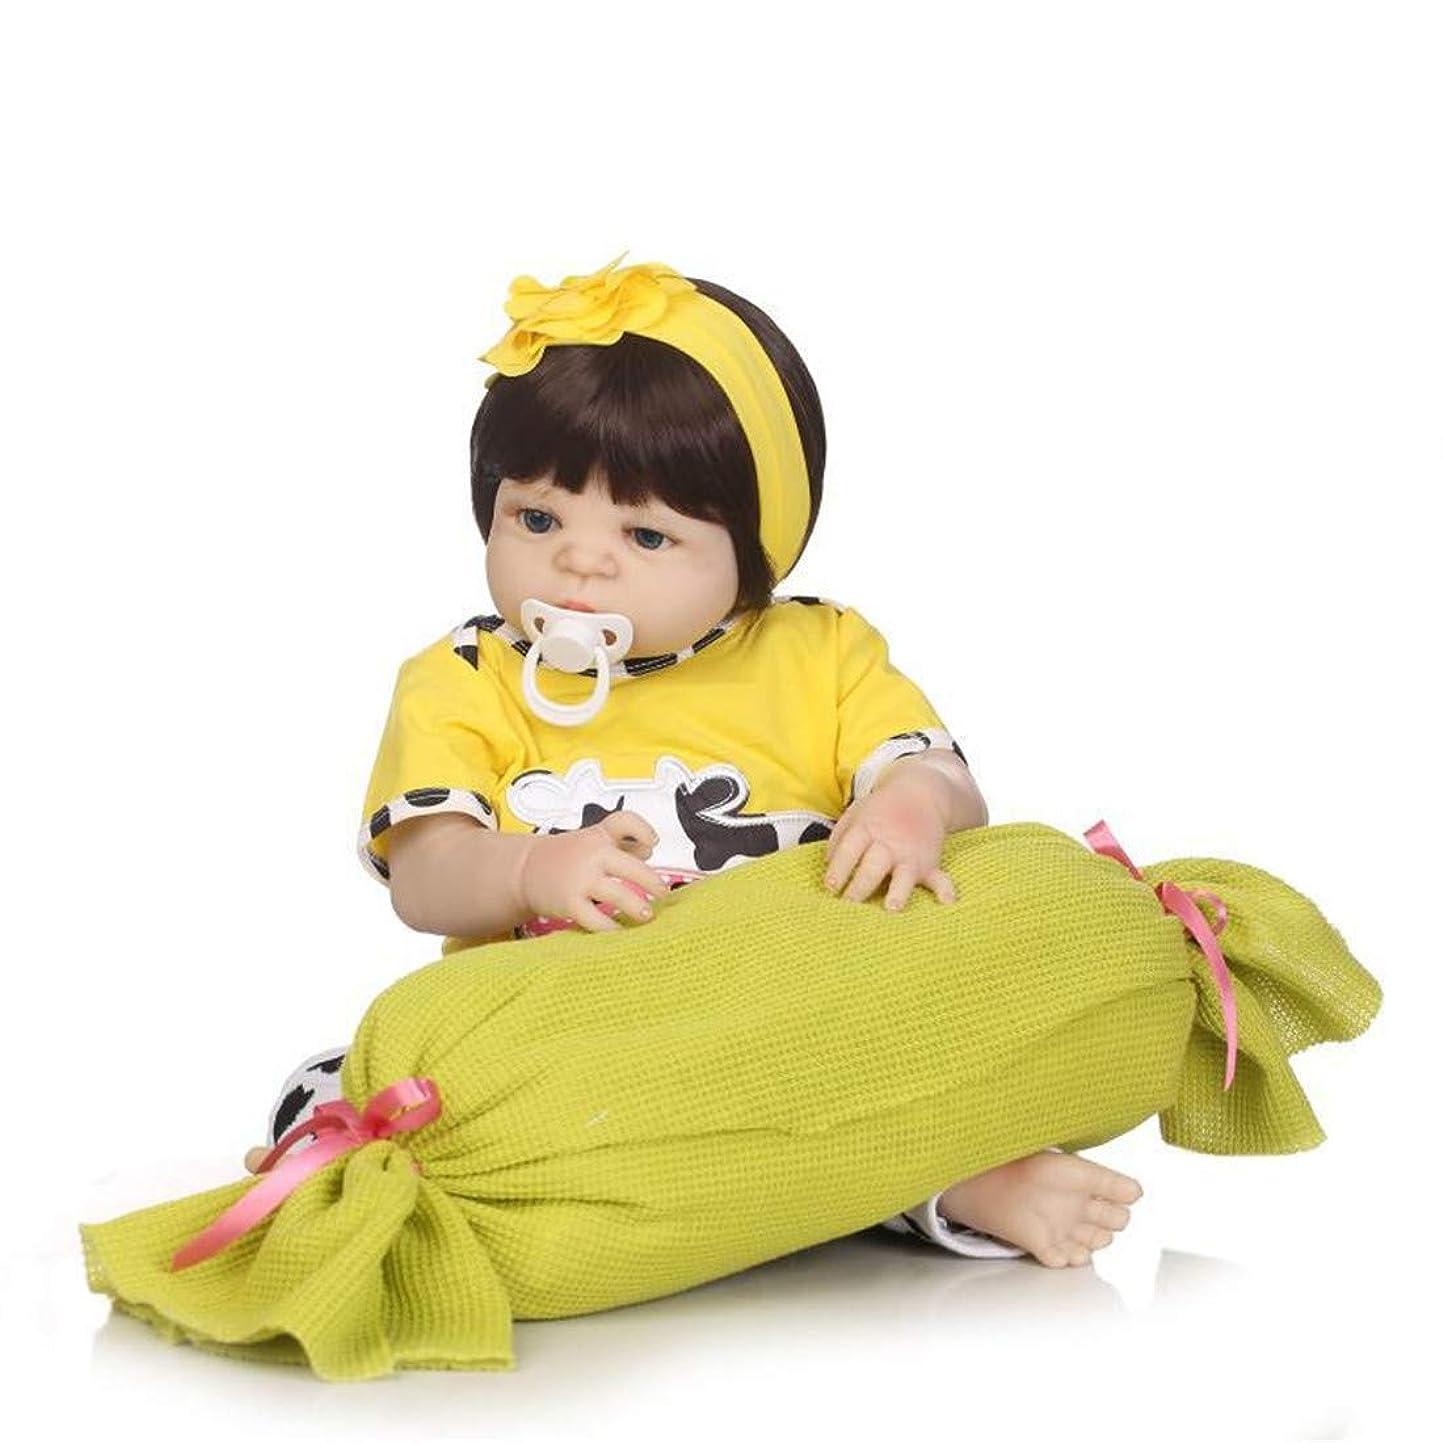 世界的に現れる偽現実的なリボーン赤ちゃん人形本物そっくりの、実リボーンドールアクリル目と手のアプライド?アイ?まつげベスト誕生日を設定し、22インチで設計された加重探し